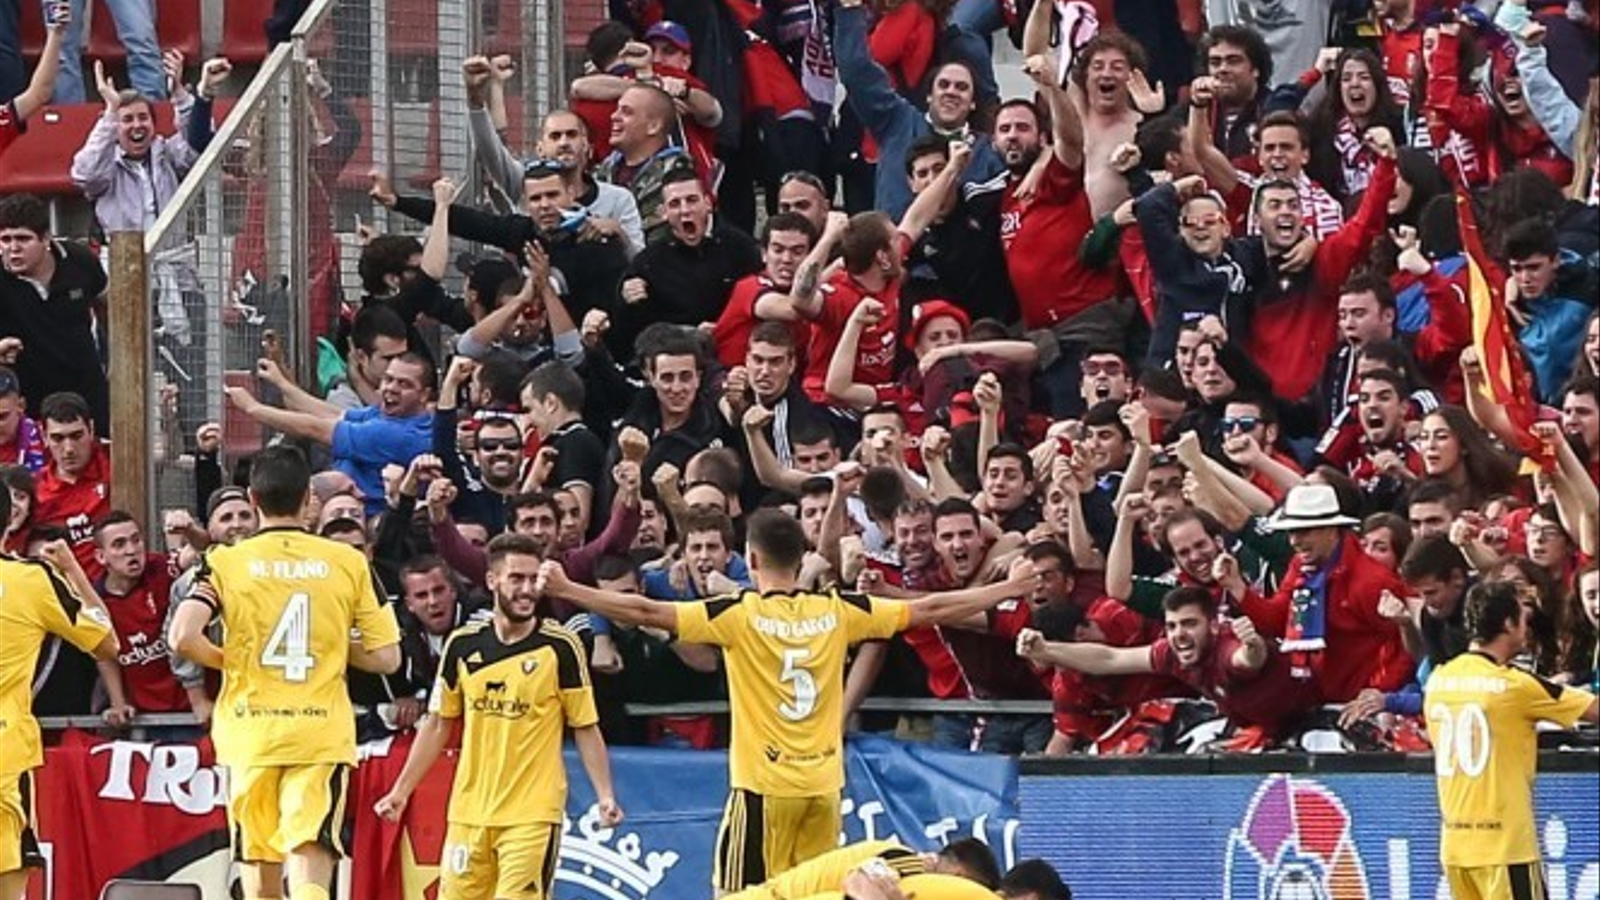 L'alegria dels jugadors i aficionats de l'Osasuna